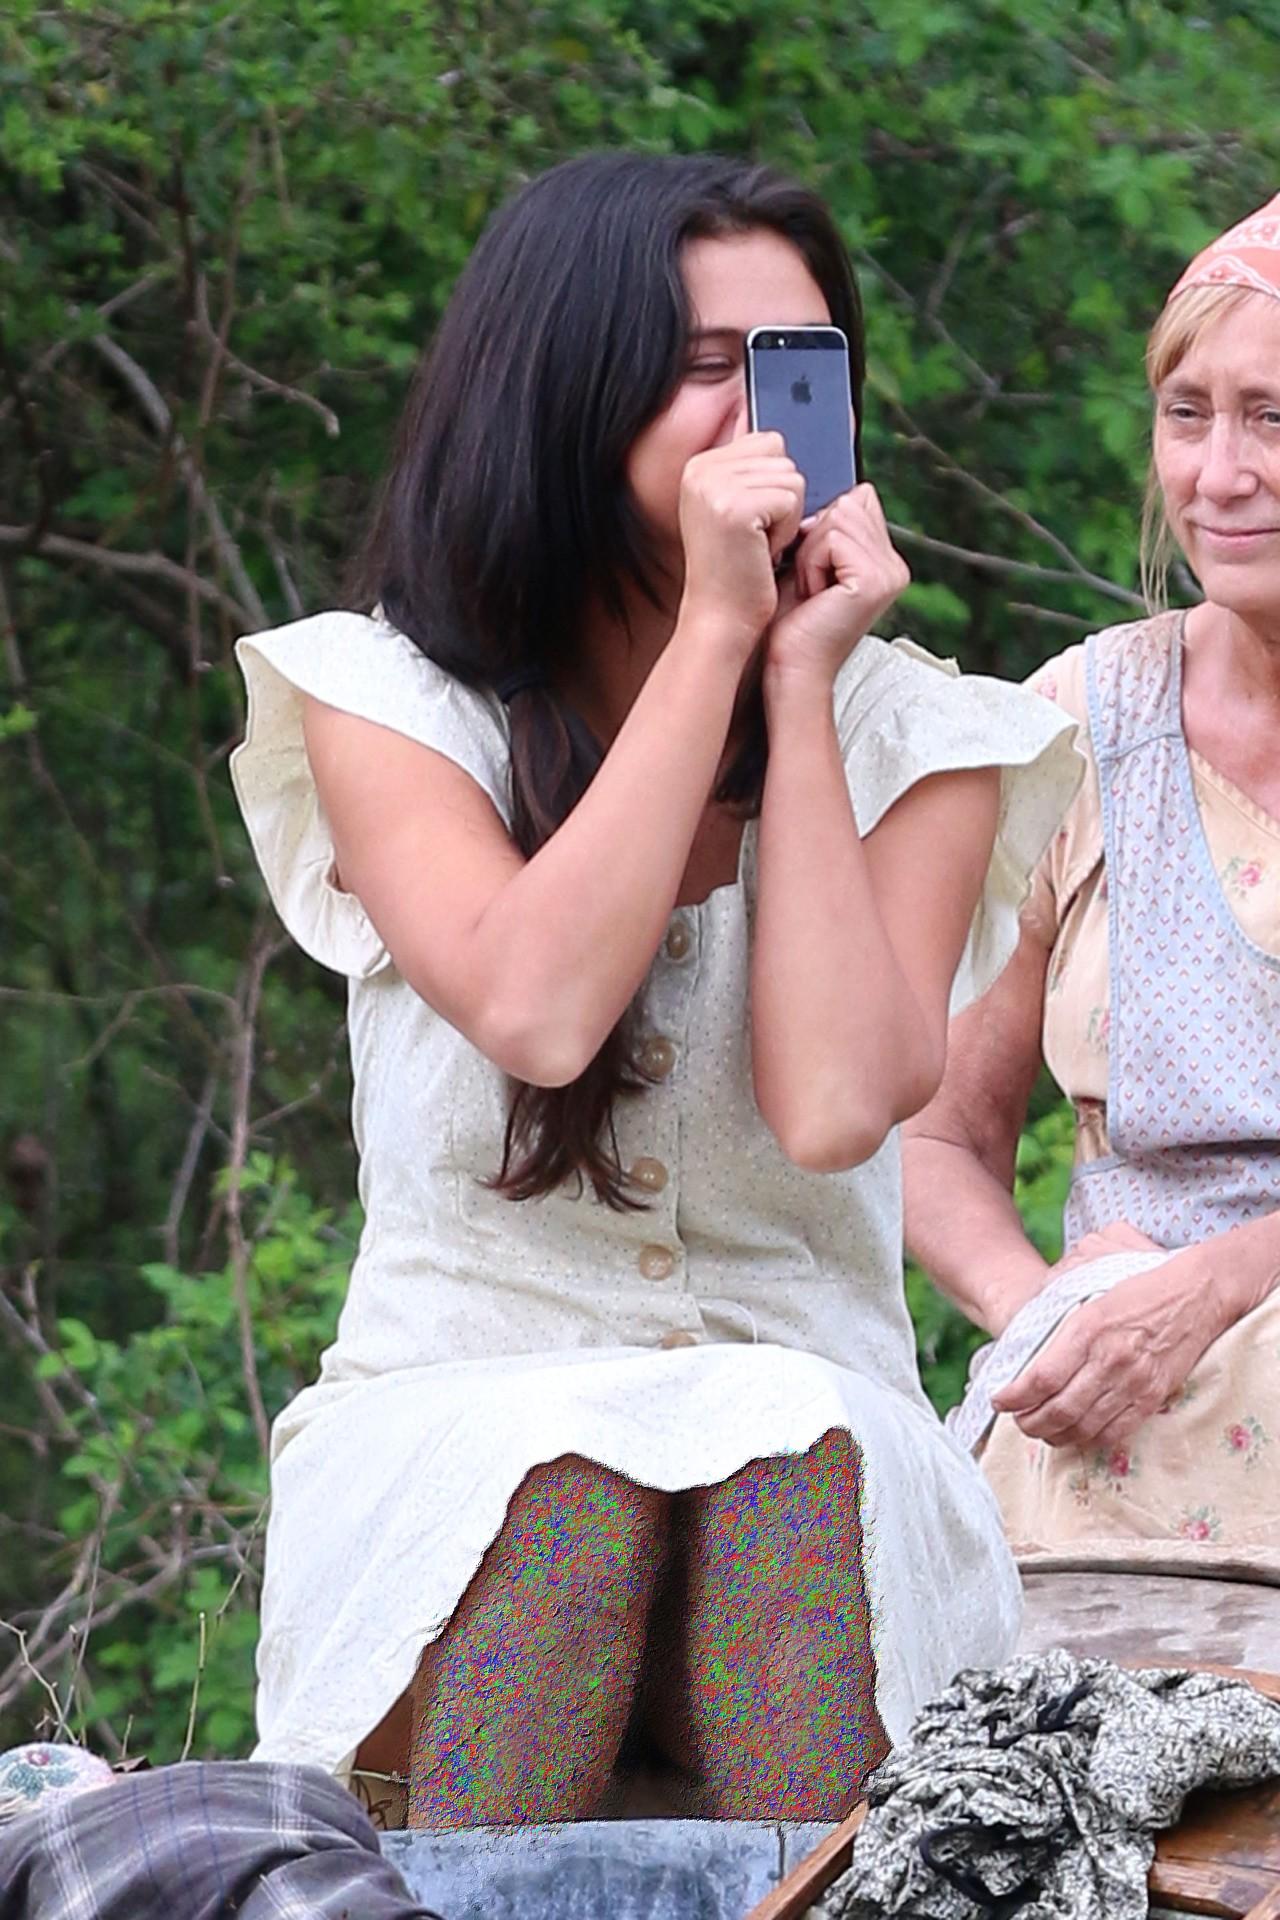 سلنا گومز | درنبردی مشکوک سلنا گومز | پشت صحنه فیلم در نبردی مشکوک | معرفی فیلم در نبردی مشکوک | سلنا گومز در فیلم جدیدش 2015 | فیلم جدید سلنا گومز